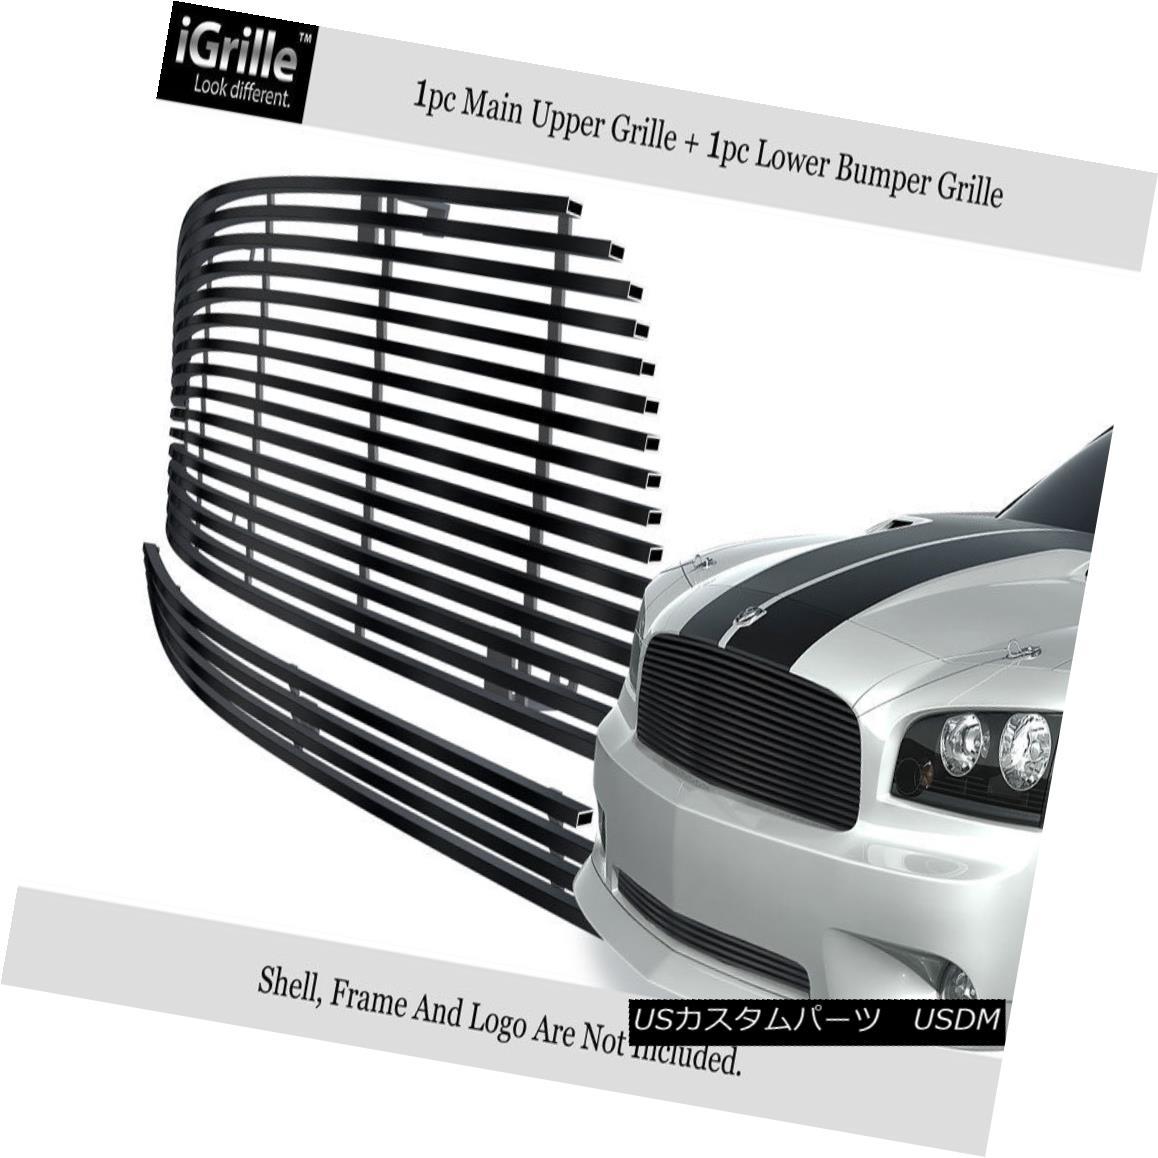 グリル Fits 2005-2010 Dodge Charger 304 Stainless Steel Black Billet Grille Combo フィット2005-2010ダッジチャージャー304ステンレススチールブラックビレットグリルコンボ